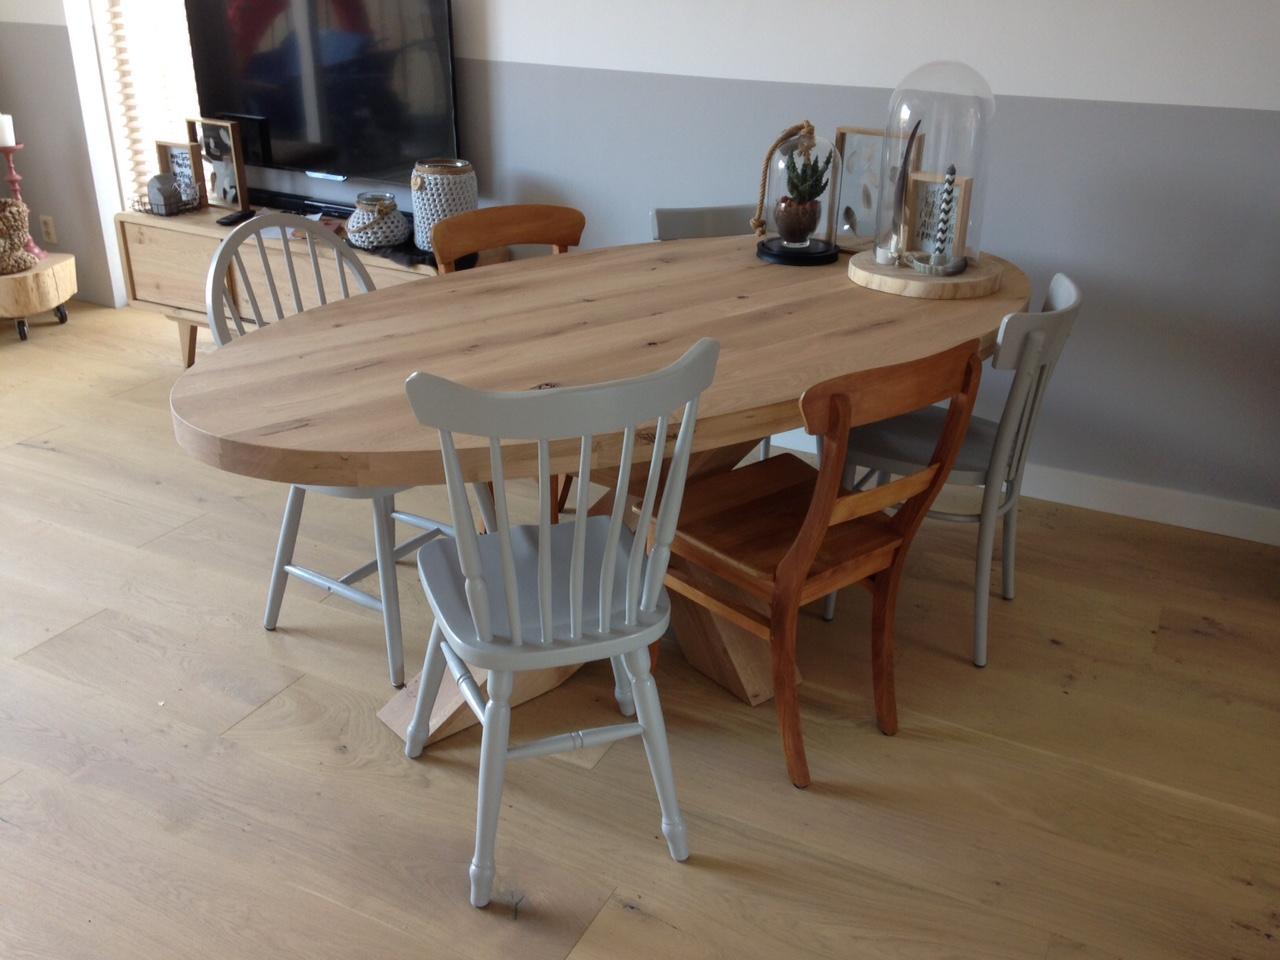 Ovale tafel eikenhout kruisonderstel | Te Boveldt ...